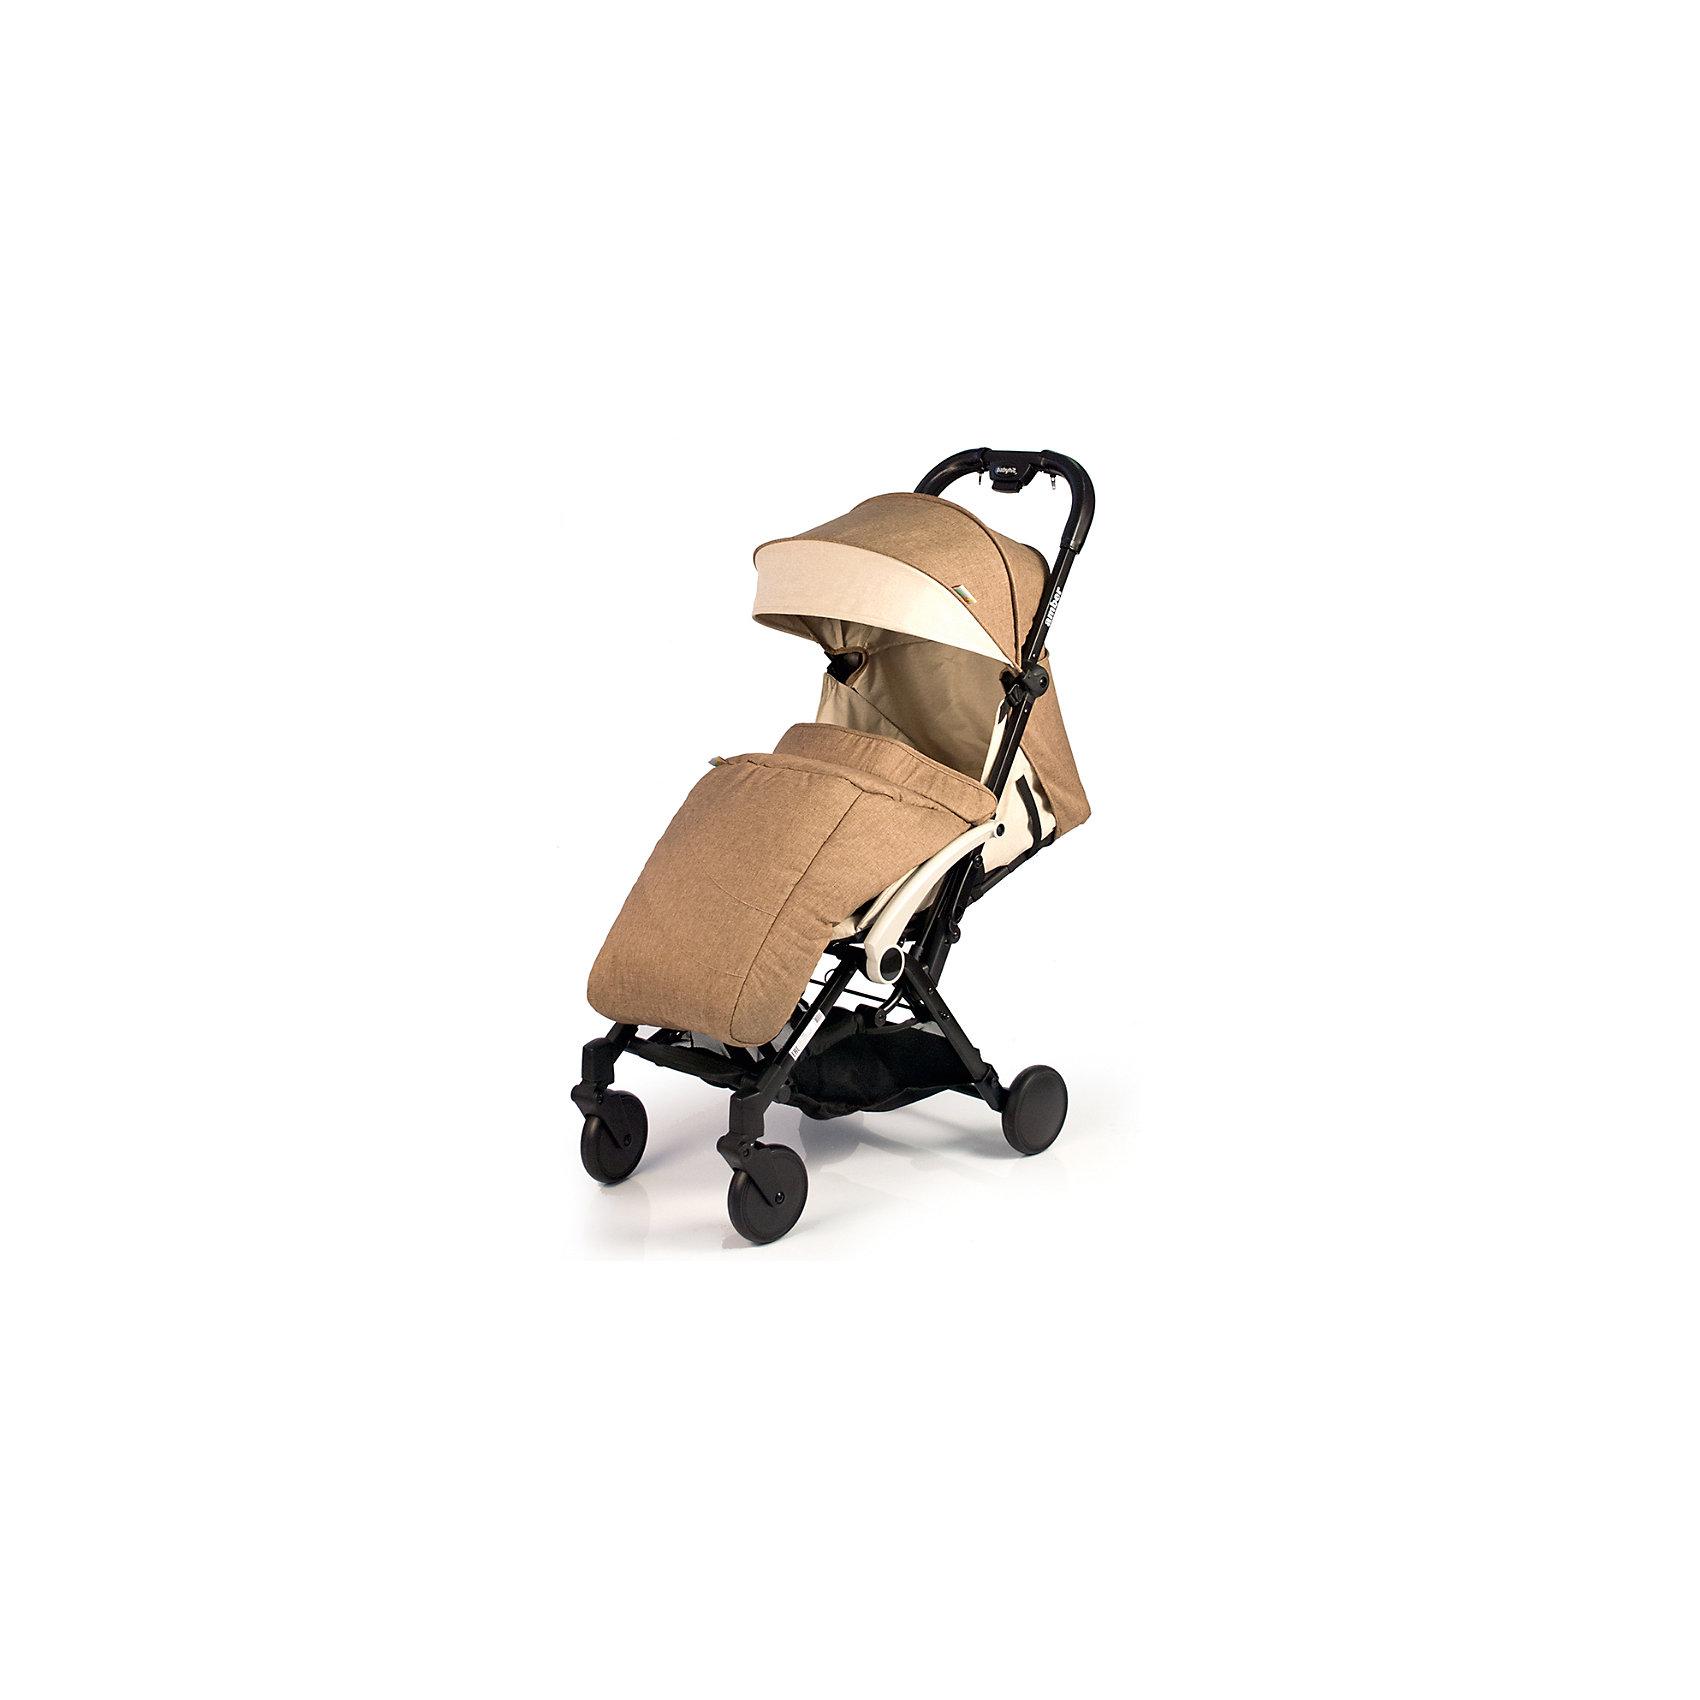 Прогулочная коляска BabyHit Amber 2017, бежевыйПрогулочные коляски<br>Идеальная коляска для путешествий!<br>Компактна в сложенном виде.<br>Ручка с чехлами из эко-кожи<br>Одинарные передние поворотные колеса<br>Алюминиевая рама<br>Съемный поручень с разделителем для ножек<br>Регулируемая до положения «лежа» спинка<br>5-ти точечная система ремней безопасности<br>Багажная корзина<br>В комплекте: полог, дождевик, москитная сетка, сумка-чехол.<br><br>Характеристика:<br>Размеры в разложенном виде: 85 х 47 х 104 см (Д х Ш х В)<br>Размеры в сложенном виде: 54 х 47 х 32 см (Д х Ш х В)<br>Ширина сиденья: 32 см<br>Длина сиденья: 27 см<br>Высота спинки: 42 см<br>Высота до ручки: 104 см<br>Диаметр колес: 13,5 см<br>Вес: 6,7 кг<br><br>Отличительные особенности обновленной Babyhit Amber: ручка с чехлами из эко-кожи, повышенная плотность ткани, сумка чехол для коляски в комплекте.<br><br>Ширина мм: 465<br>Глубина мм: 255<br>Высота мм: 570<br>Вес г: 7600<br>Возраст от месяцев: 6<br>Возраст до месяцев: 36<br>Пол: Унисекс<br>Возраст: Детский<br>SKU: 5584572